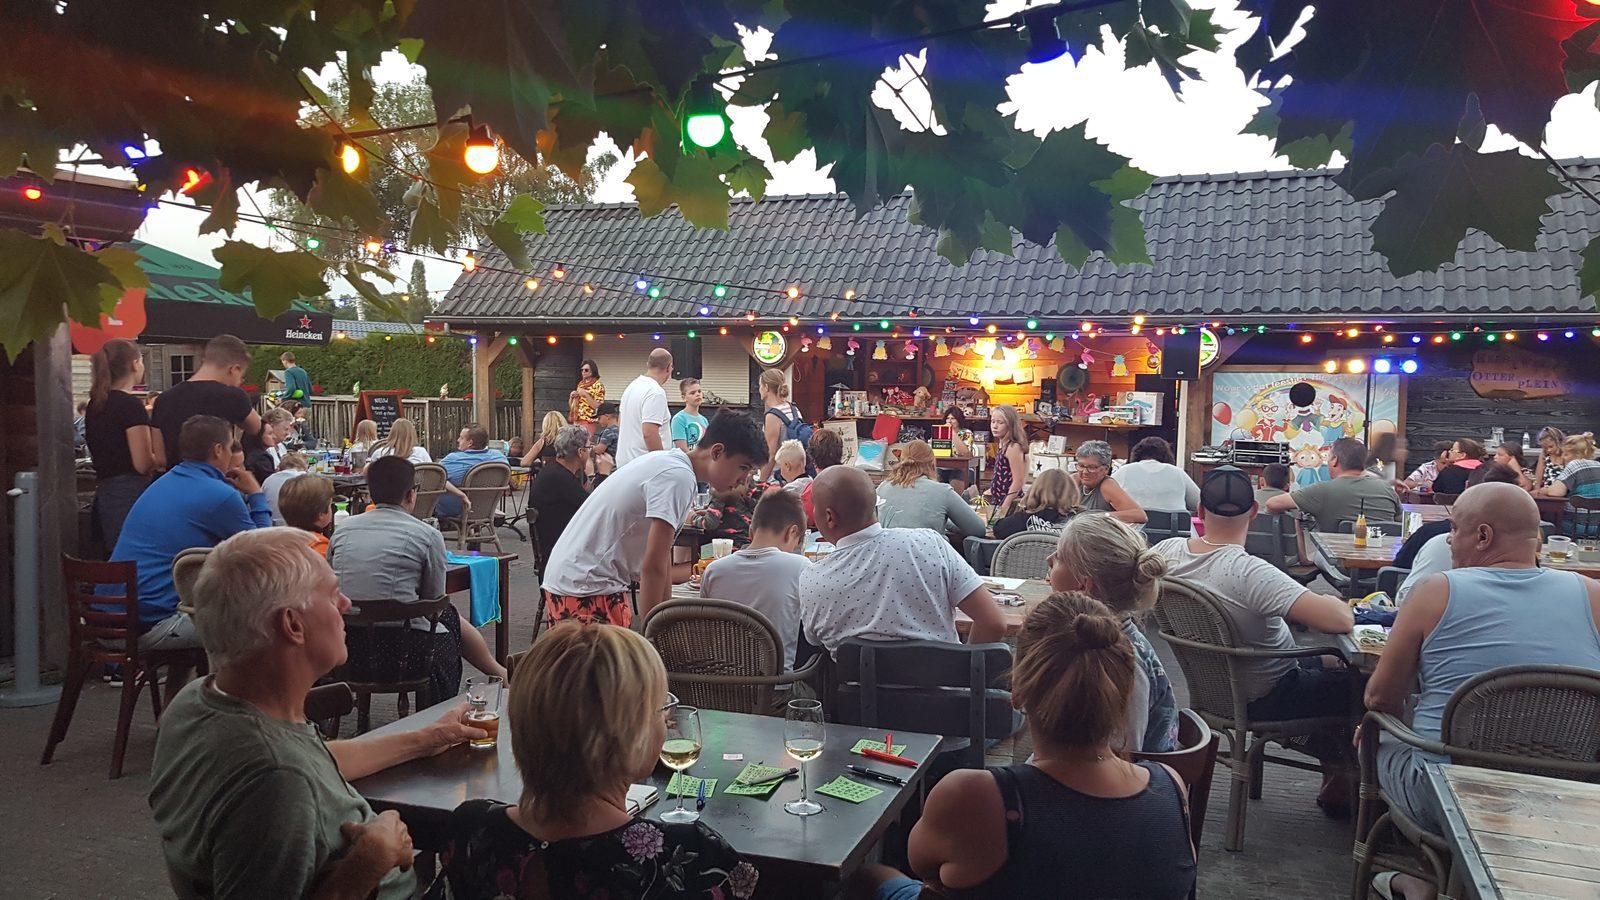 Genieten van de bingo avond op het terras van Western Plaza in Voorthuizen